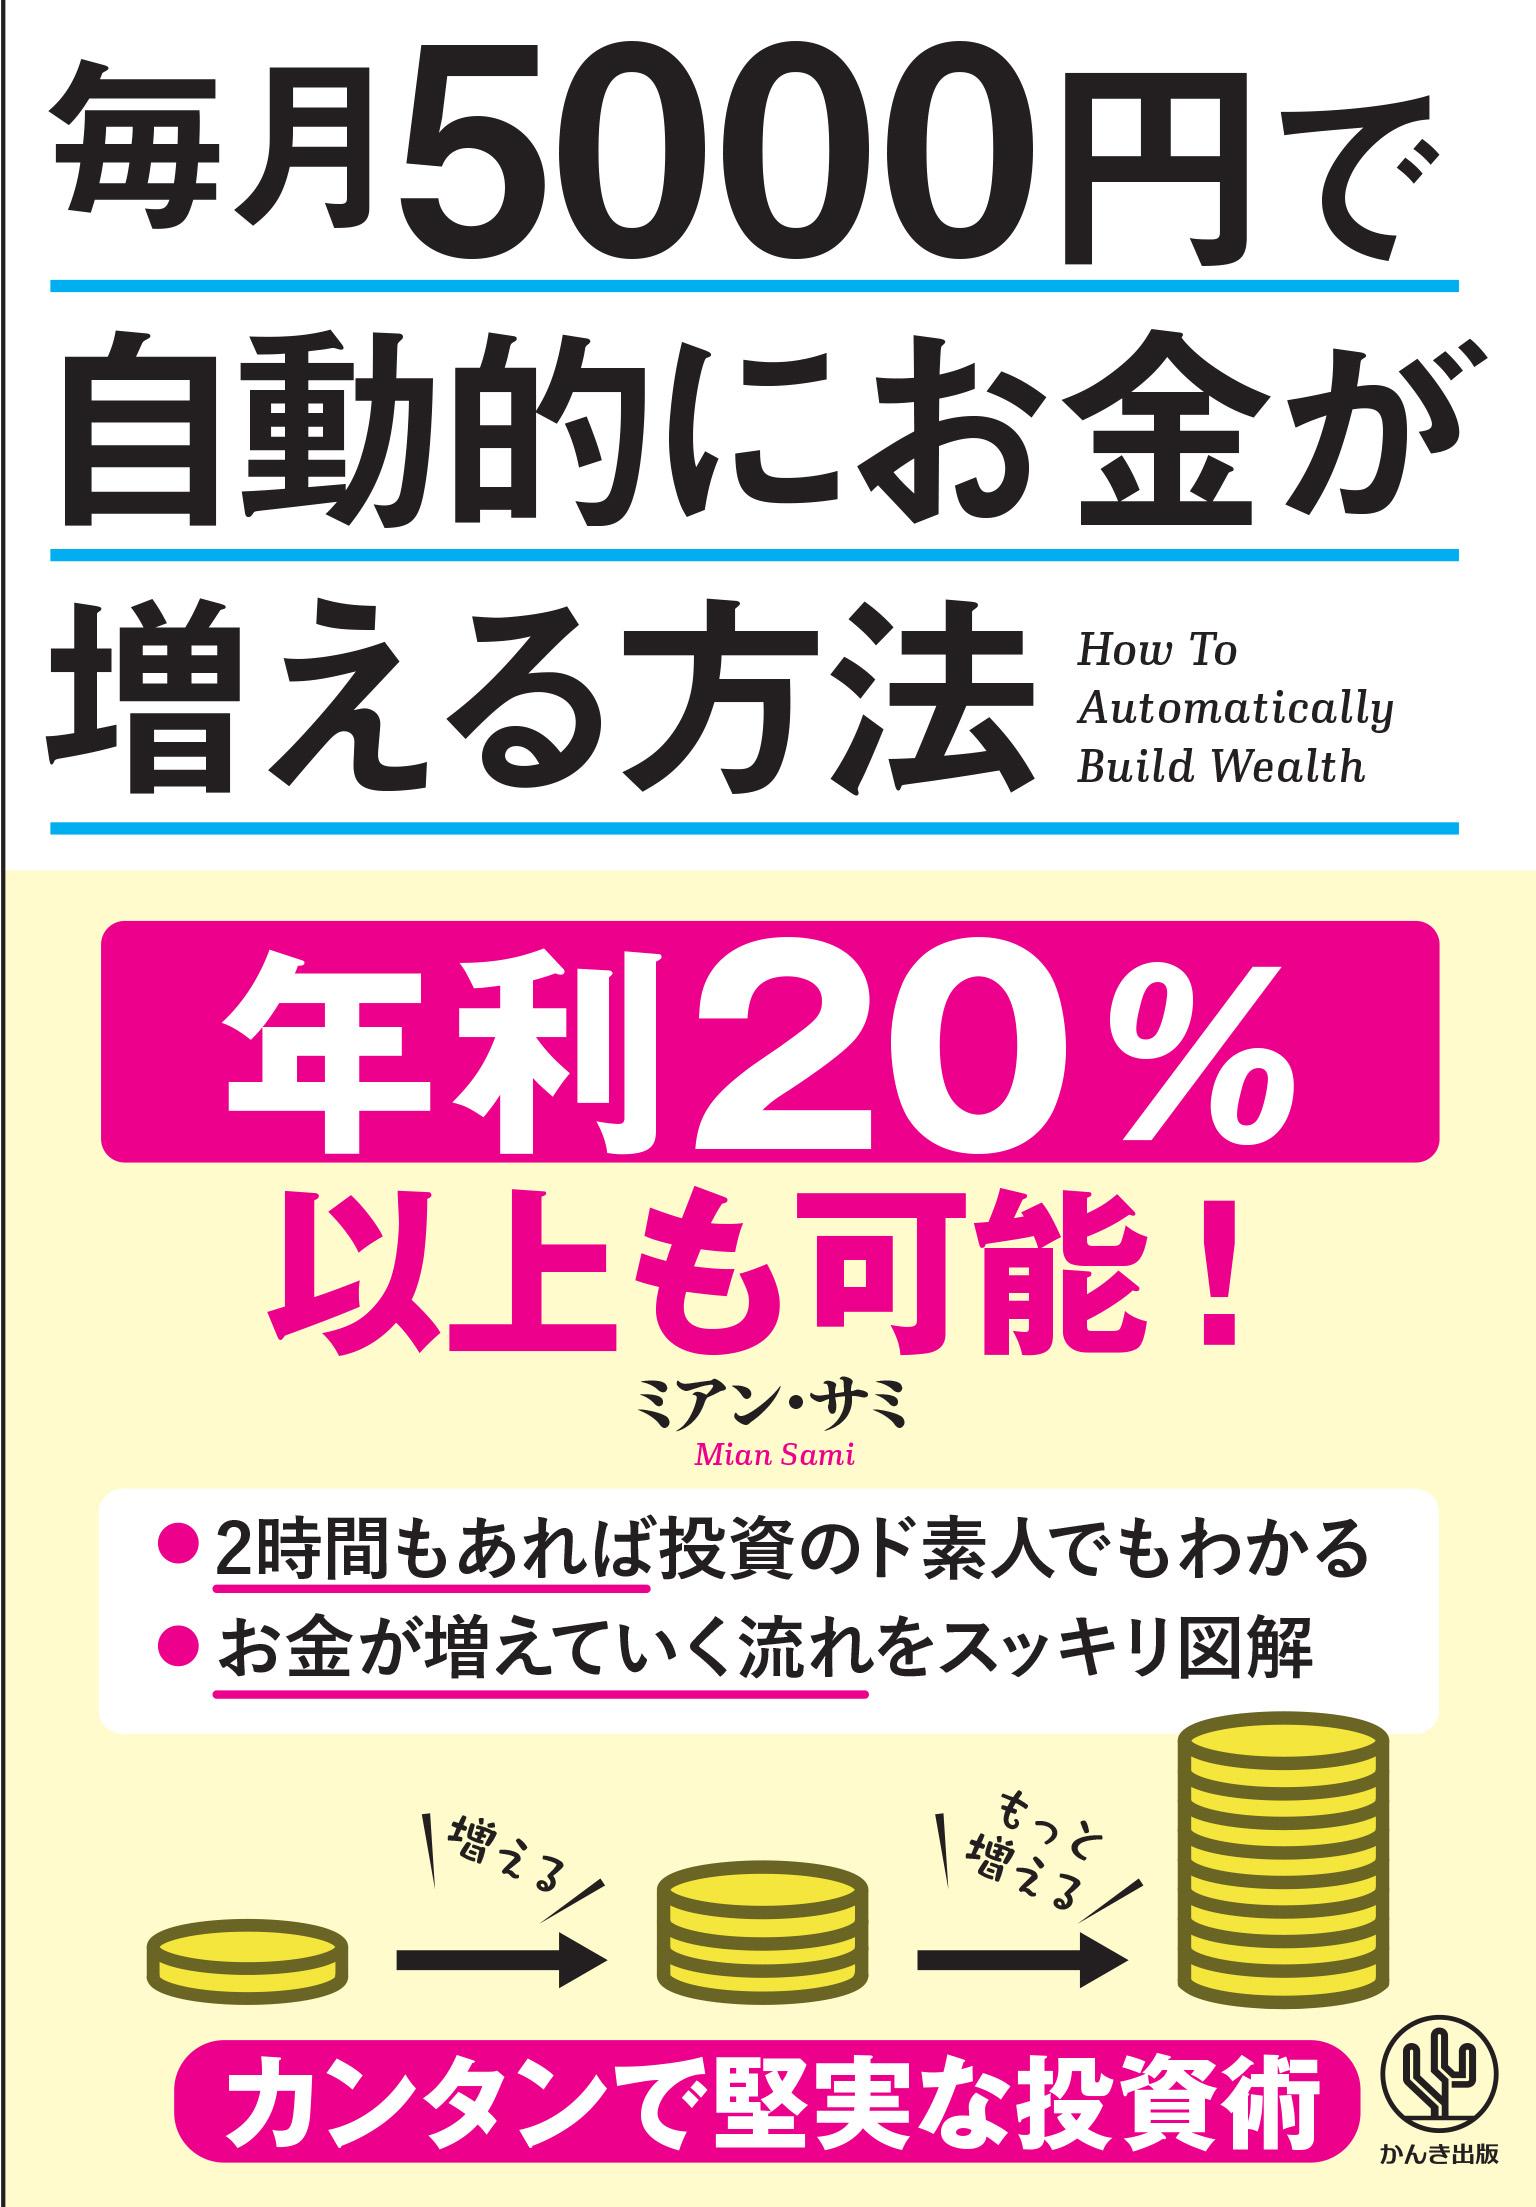 毎月5000円で自動的にお金が増える方法 / 1